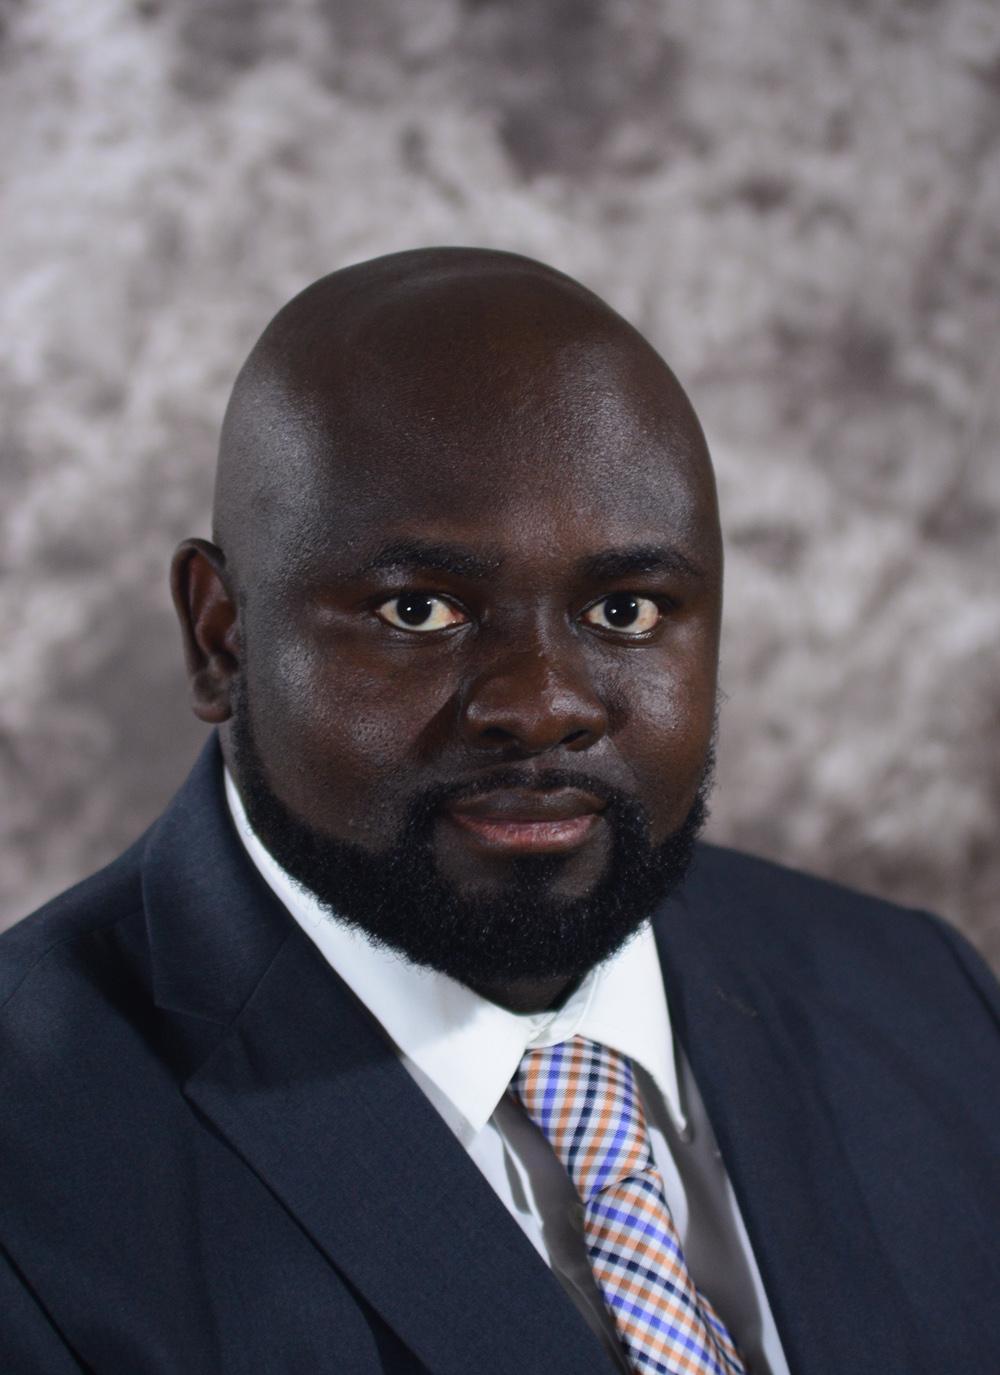 Emmanuel Awotula